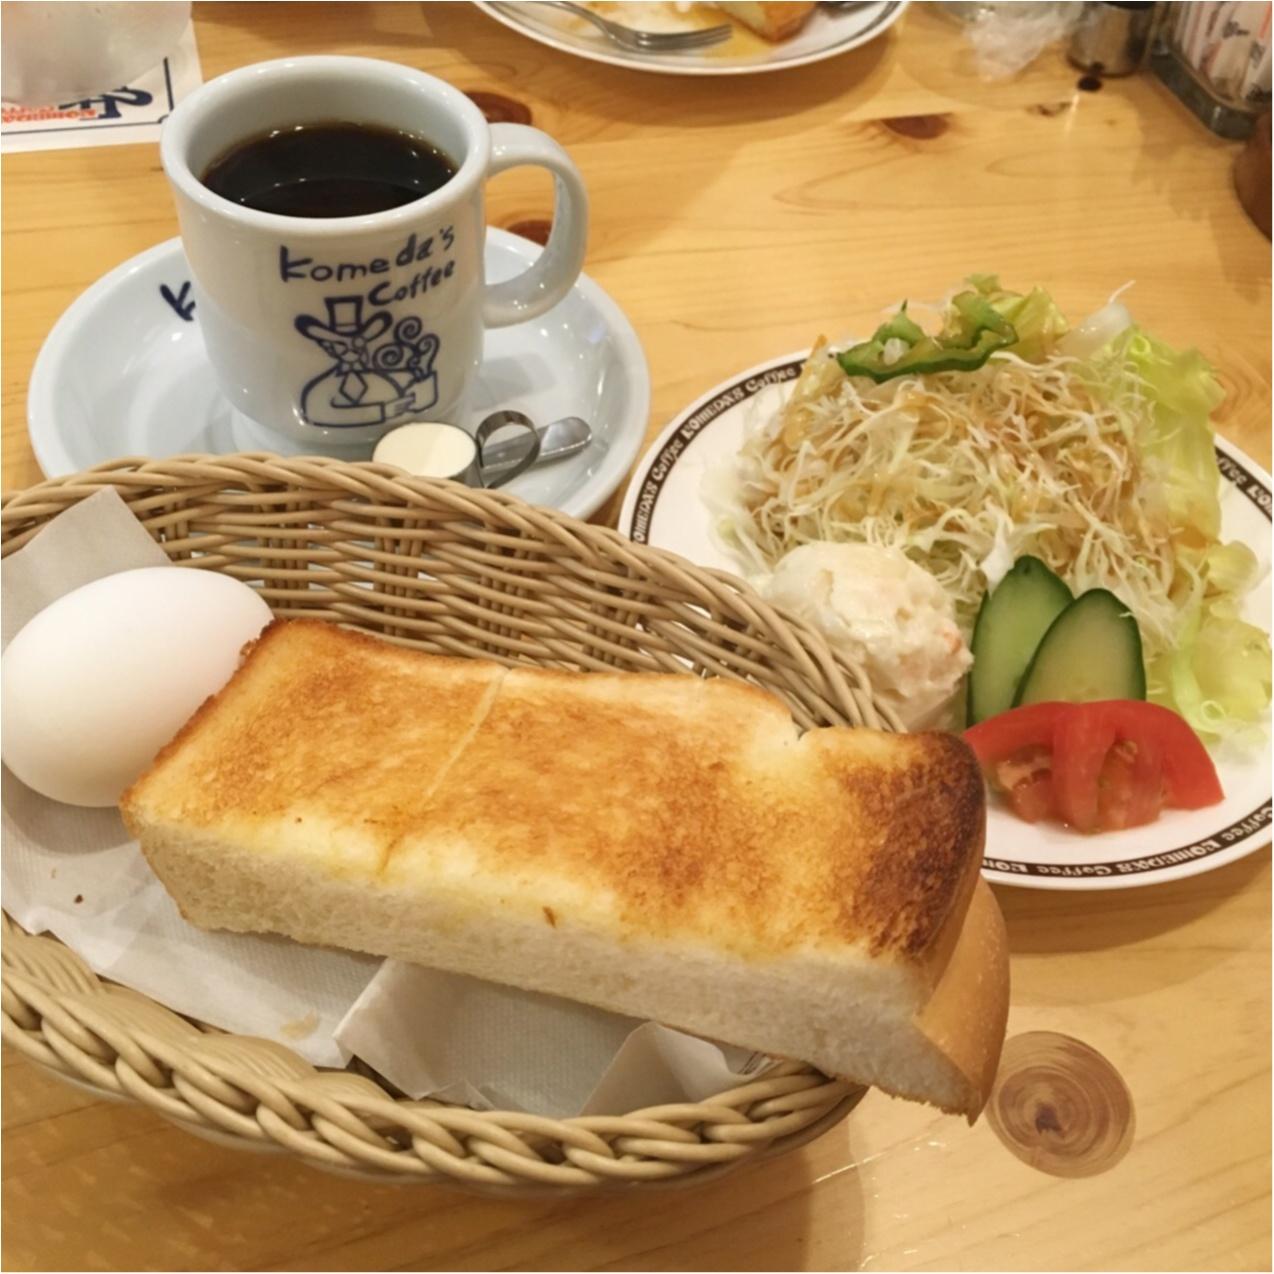 朝カフェしちゃおう♡《 コメダ珈琲 》のモーニングが美味しくてお得♡_1